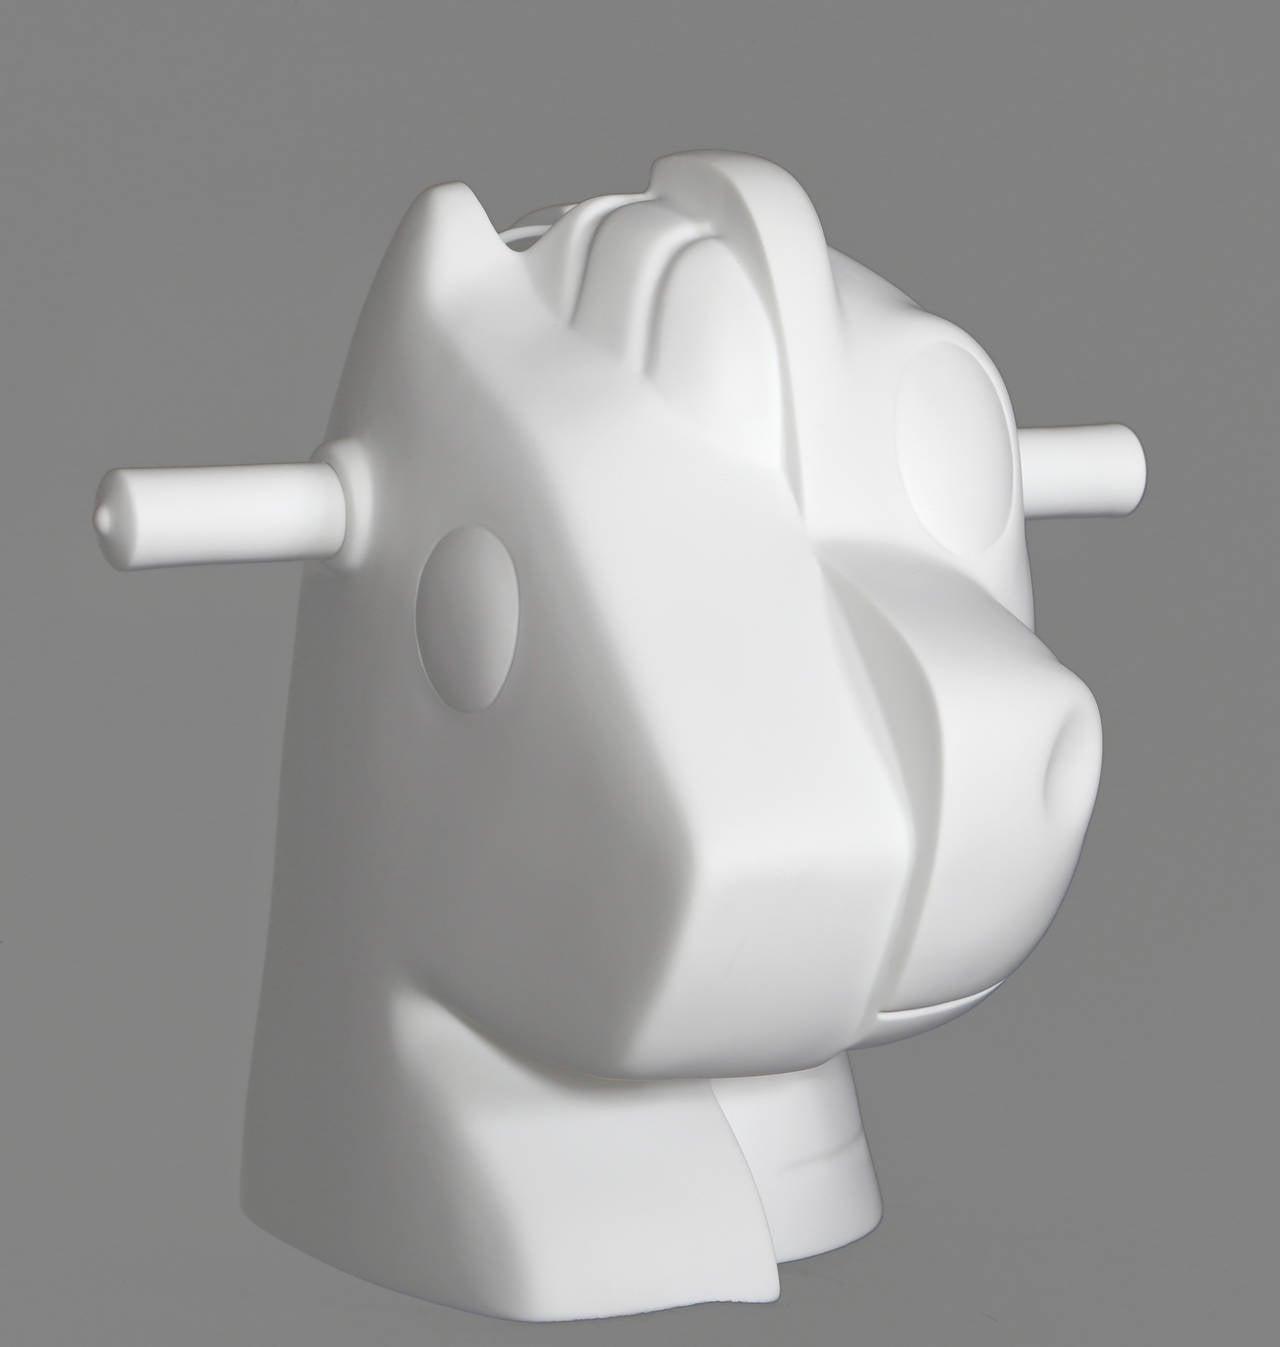 Split Rocker - Gray Figurative Sculpture by Jeff Koons